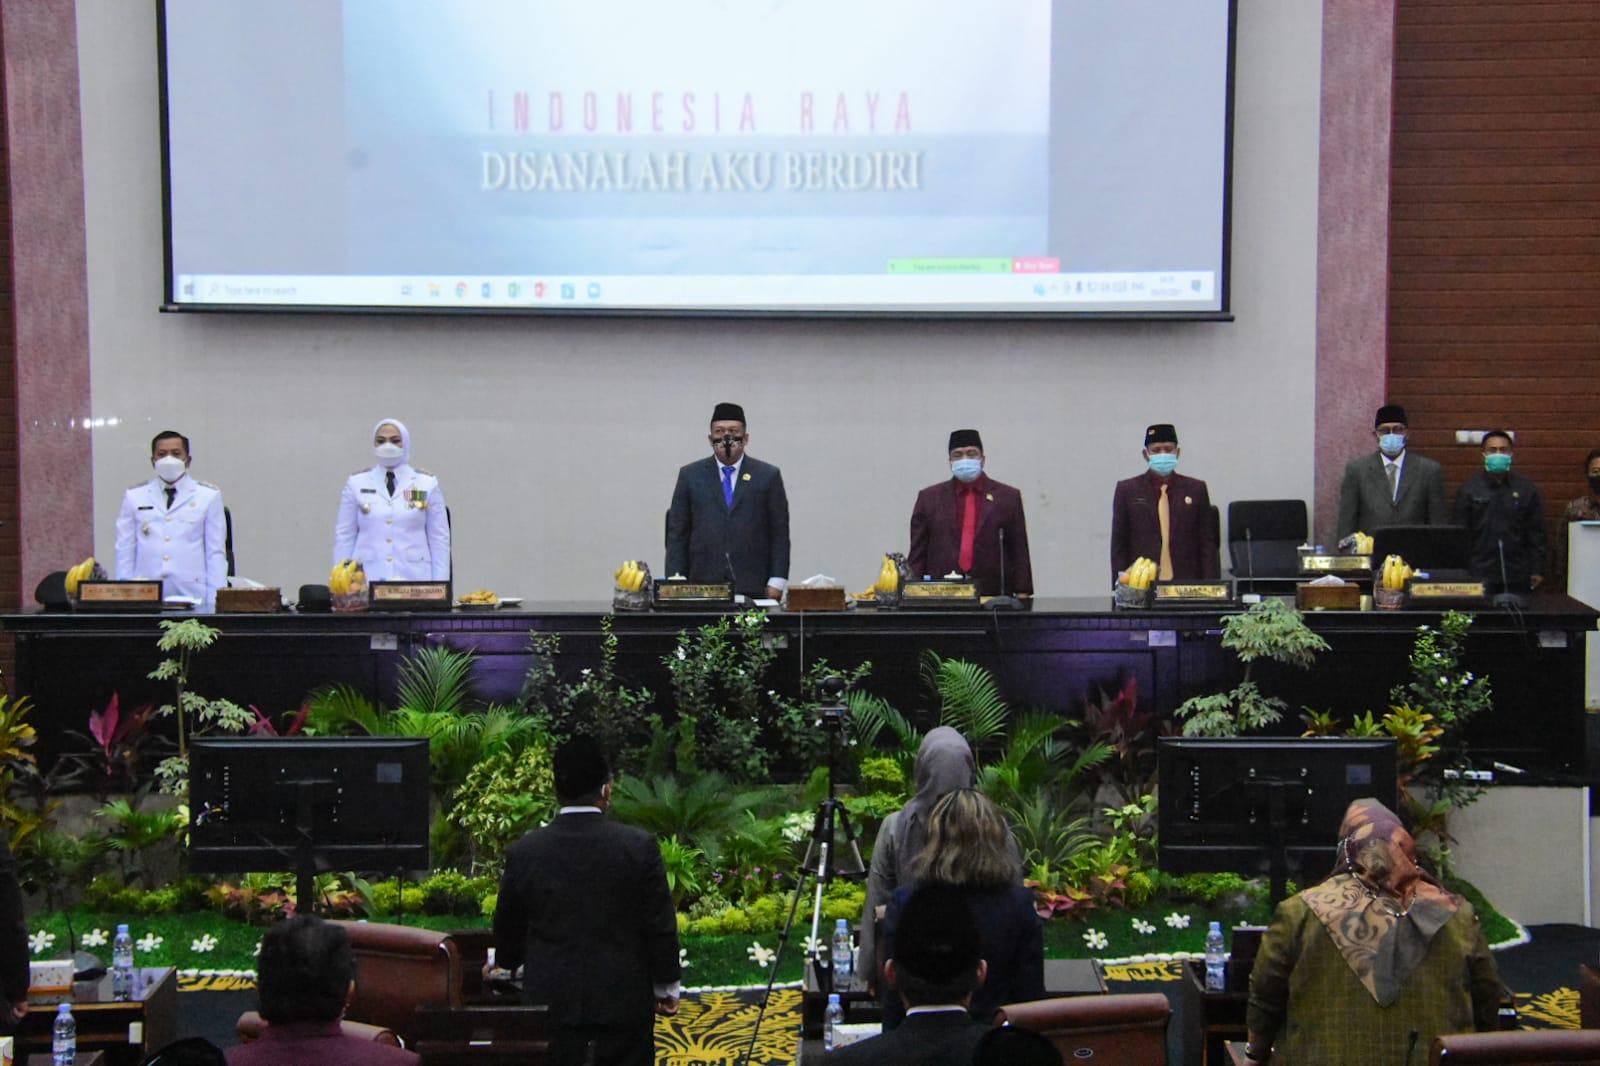 Cellica-H. Aep Sampaikan Pidato Pertama di Rapat Paripurna DPRD Karawang